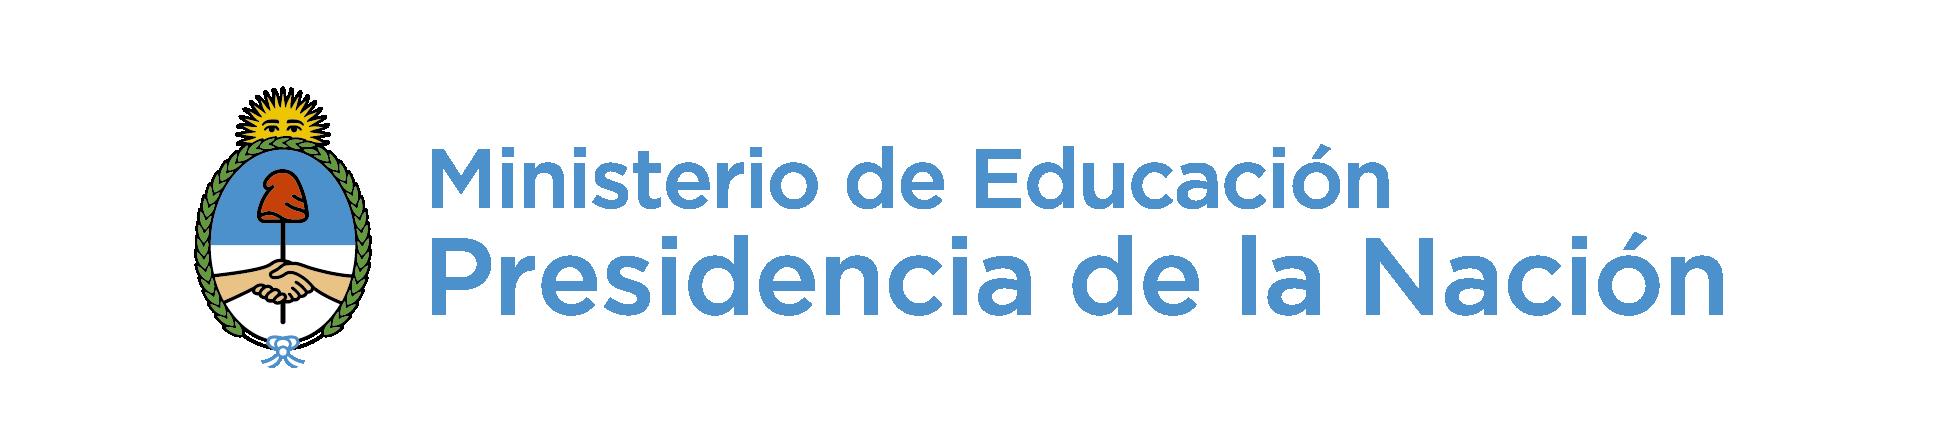 logo-med-2017-01-5970b2893f72a